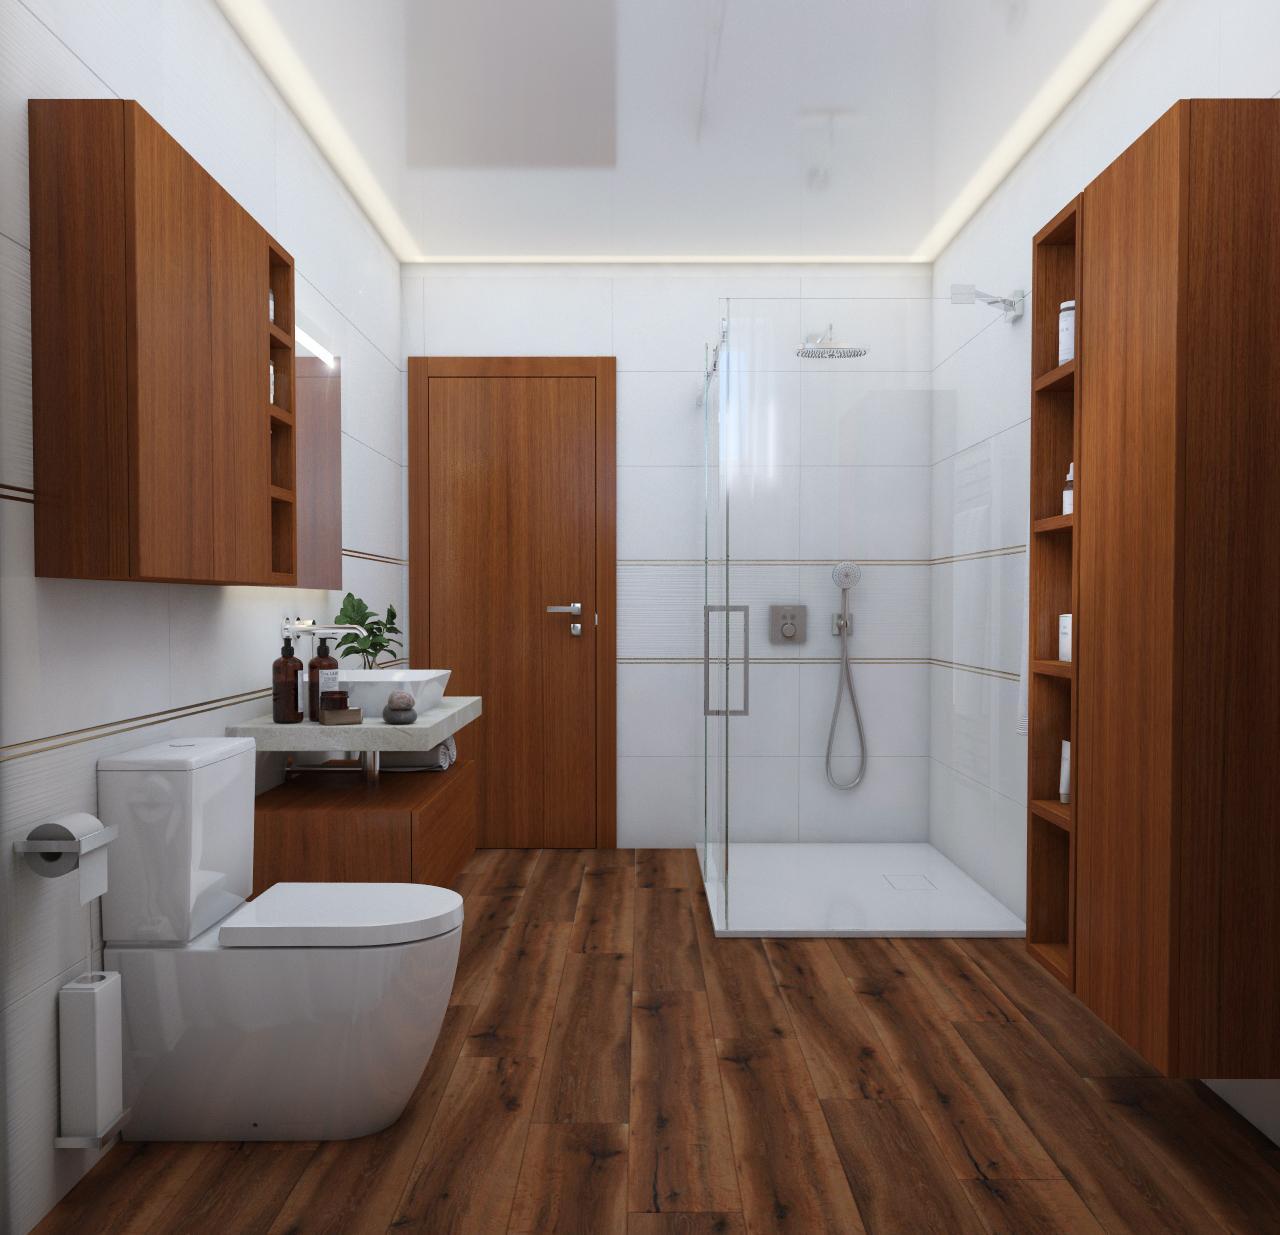 Moderná kúpeľňa / Vizualizácia - Obrázok č. 18